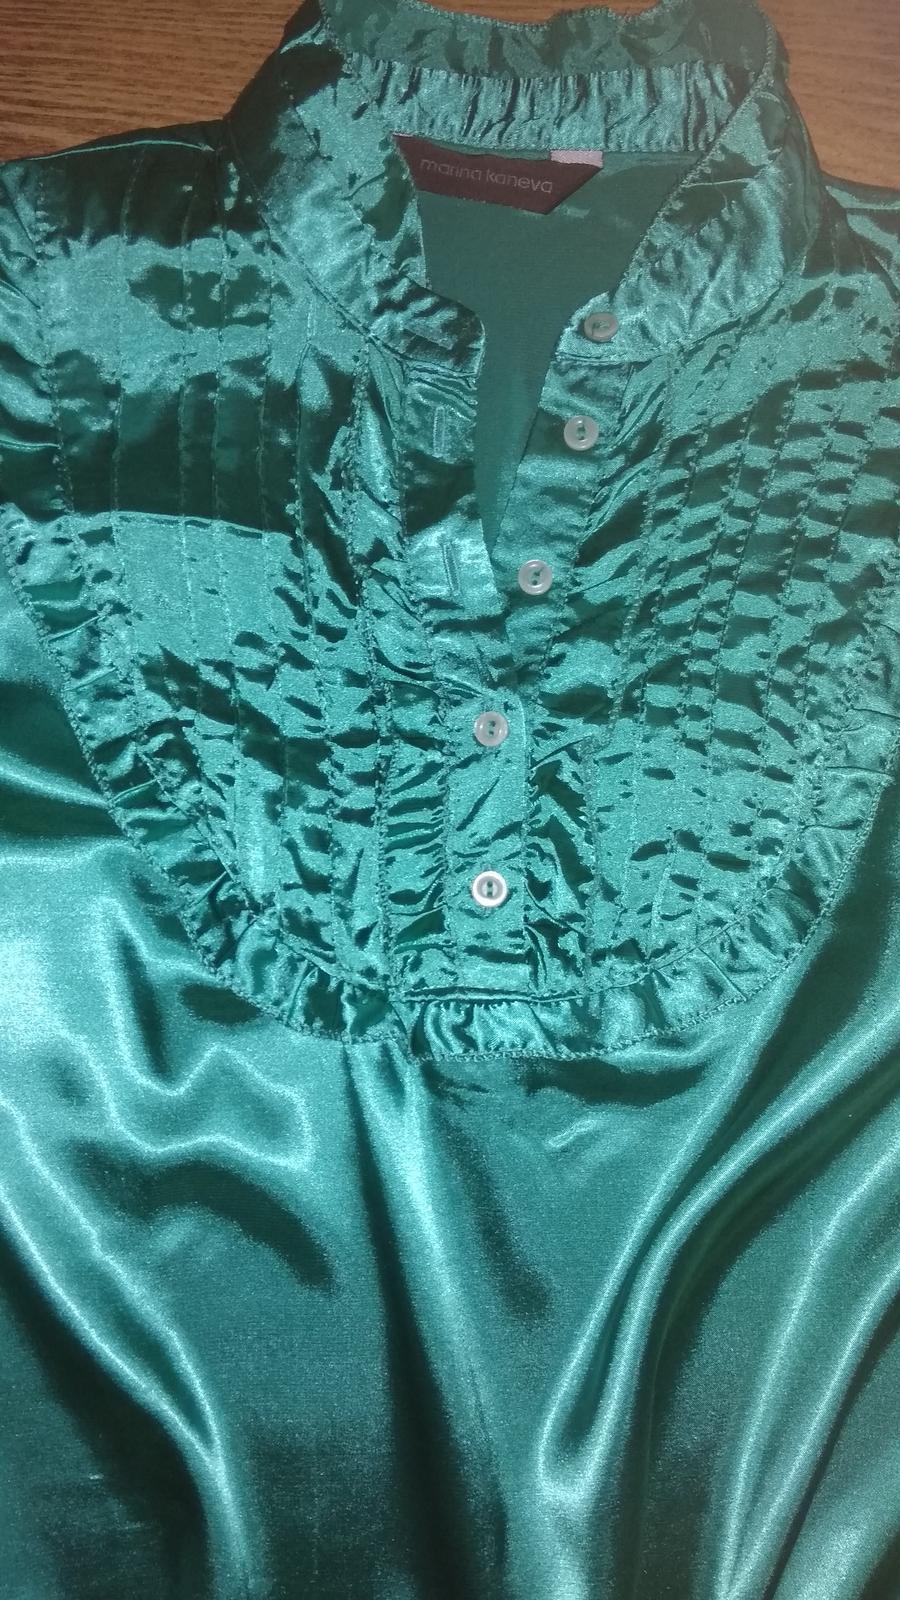 Zelená saténová blúzka 158-164 - Obrázok č. 2